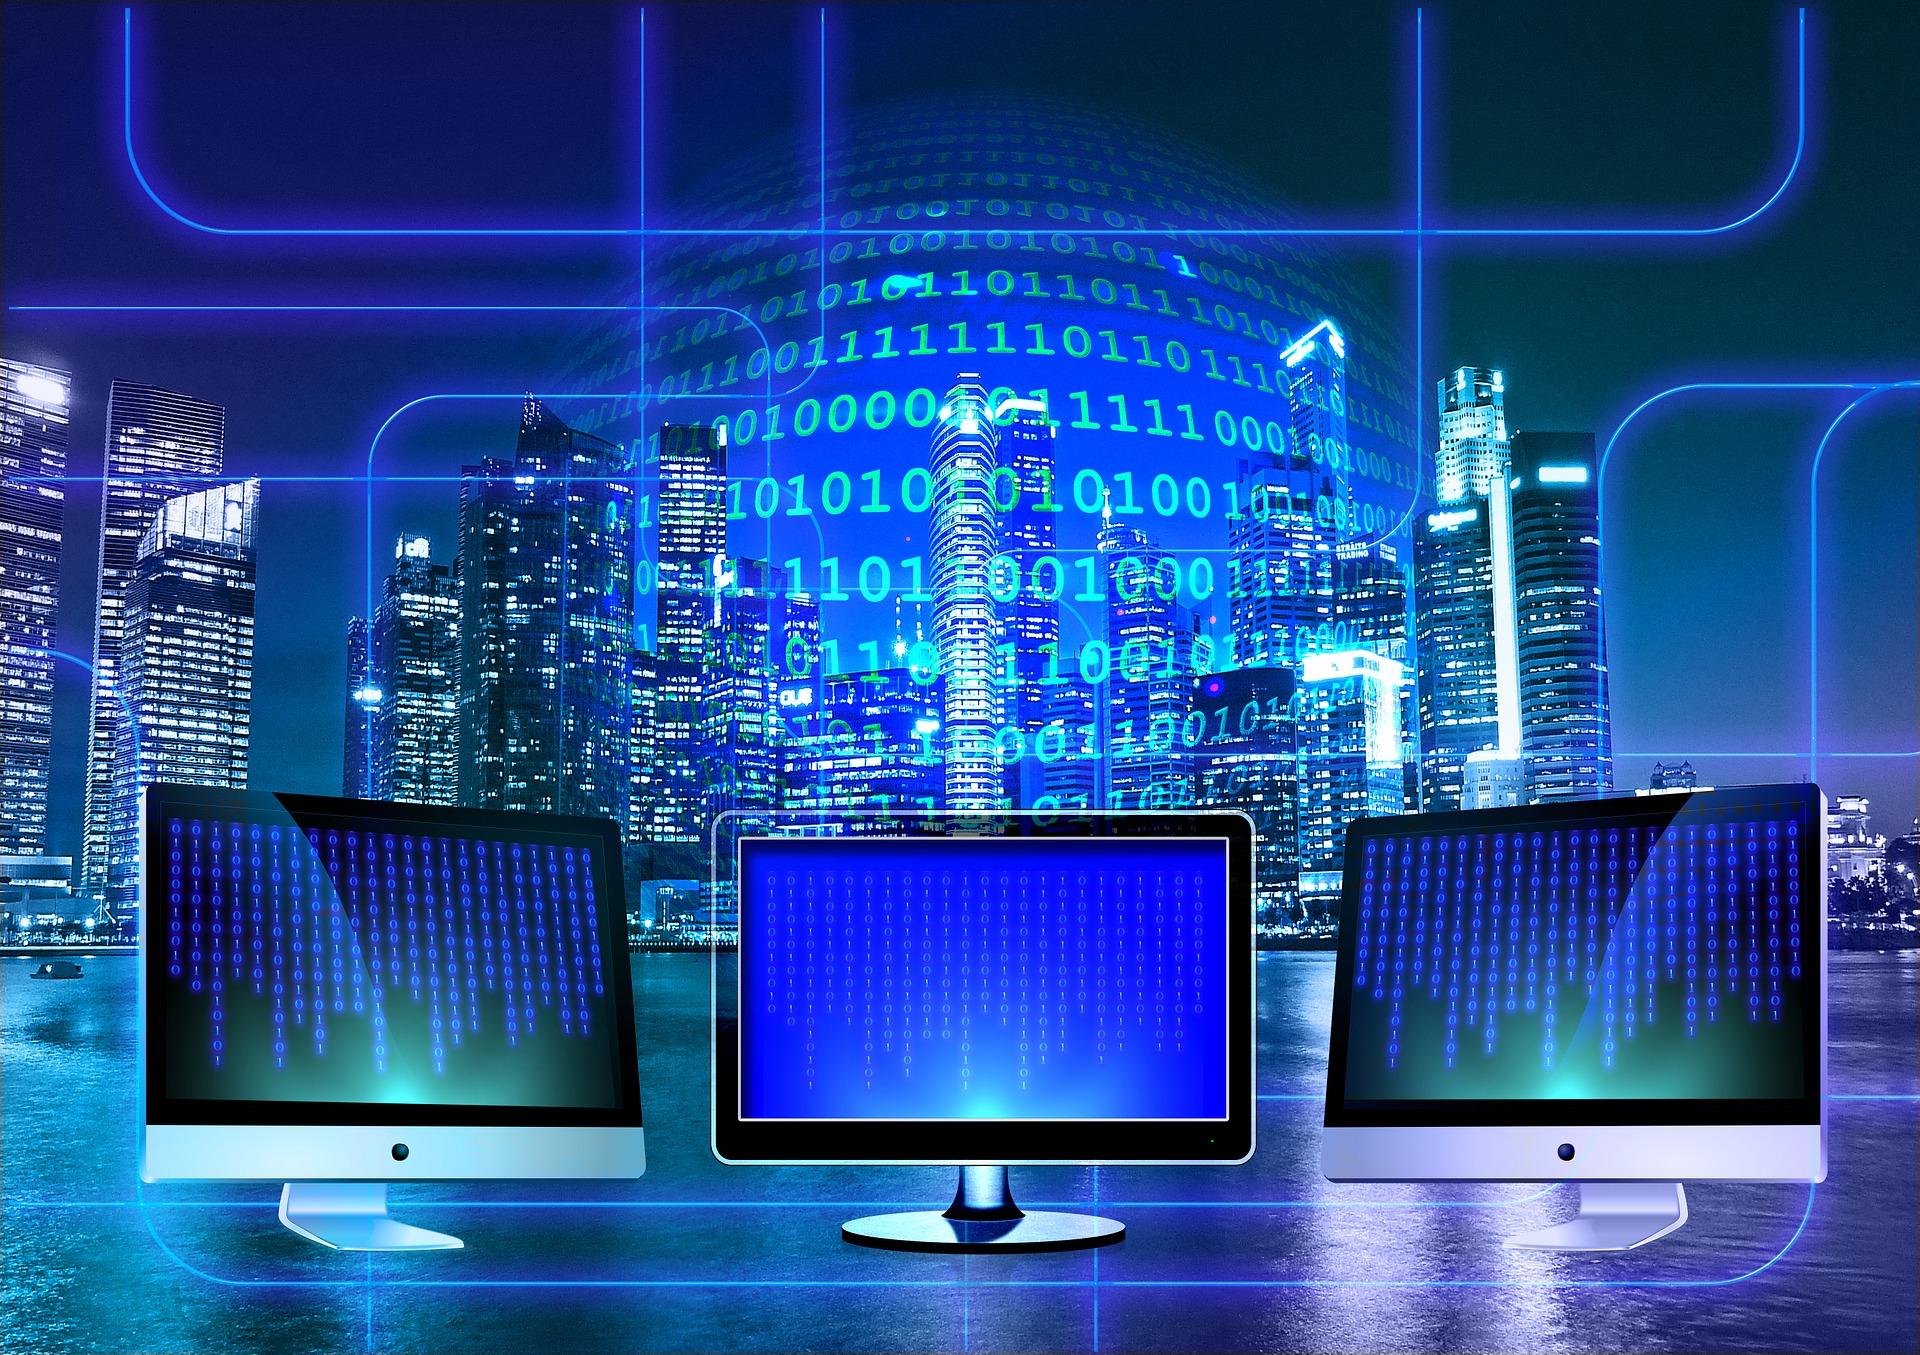 Computer screens against skyscraper backdrop